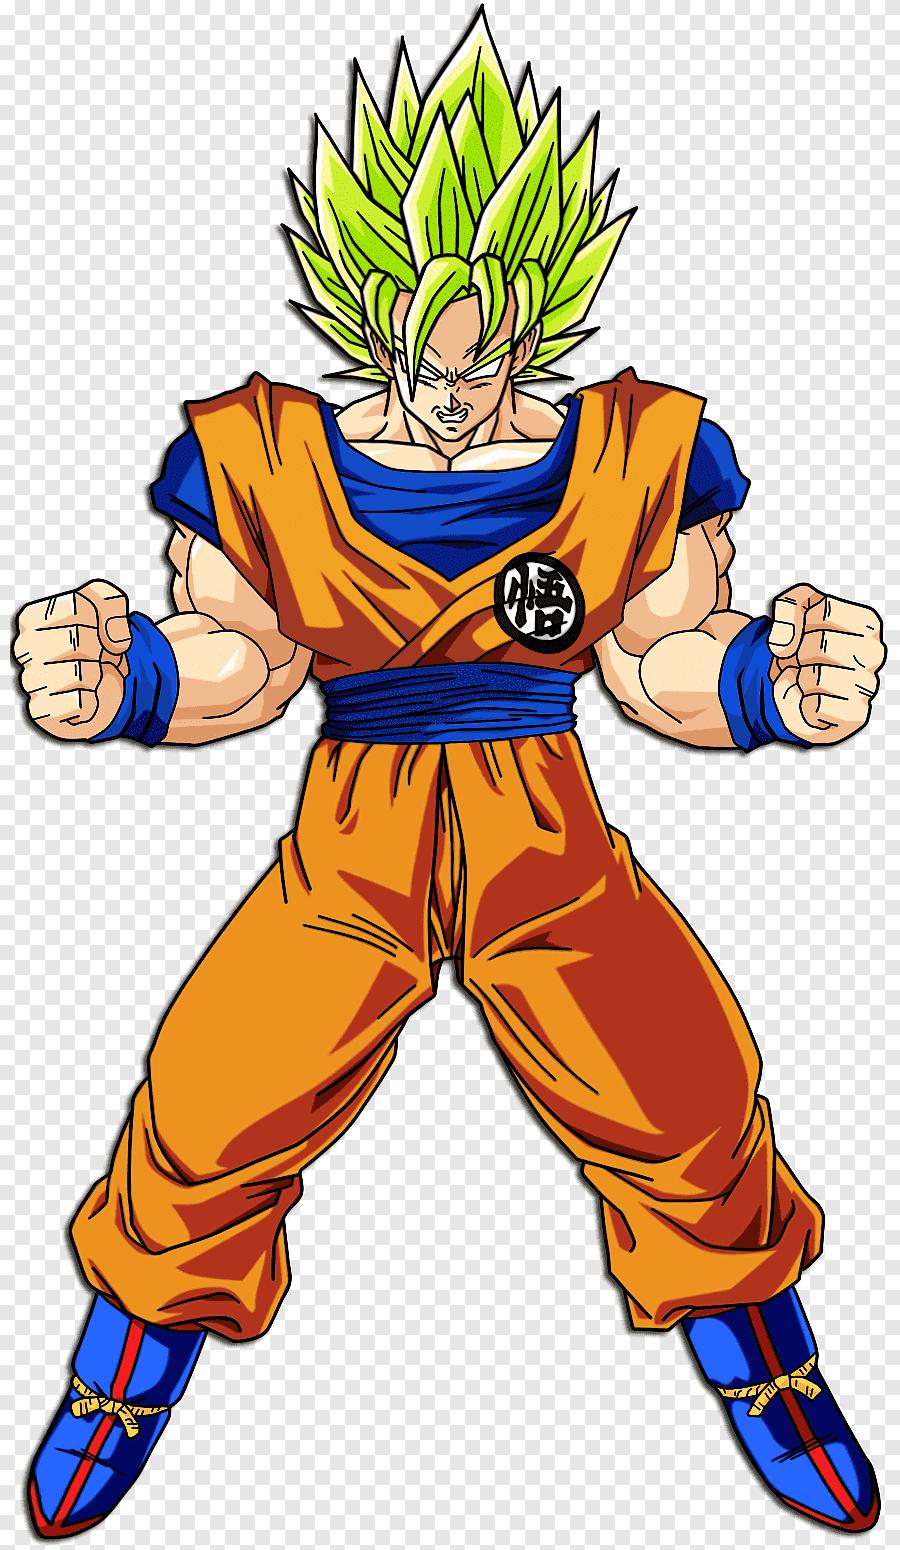 Goku Super Saiyan Dragon Ball Z Dokkan Battle Goku Superhero Manga Png Dragon Ball Z Chibi Dragon Ball